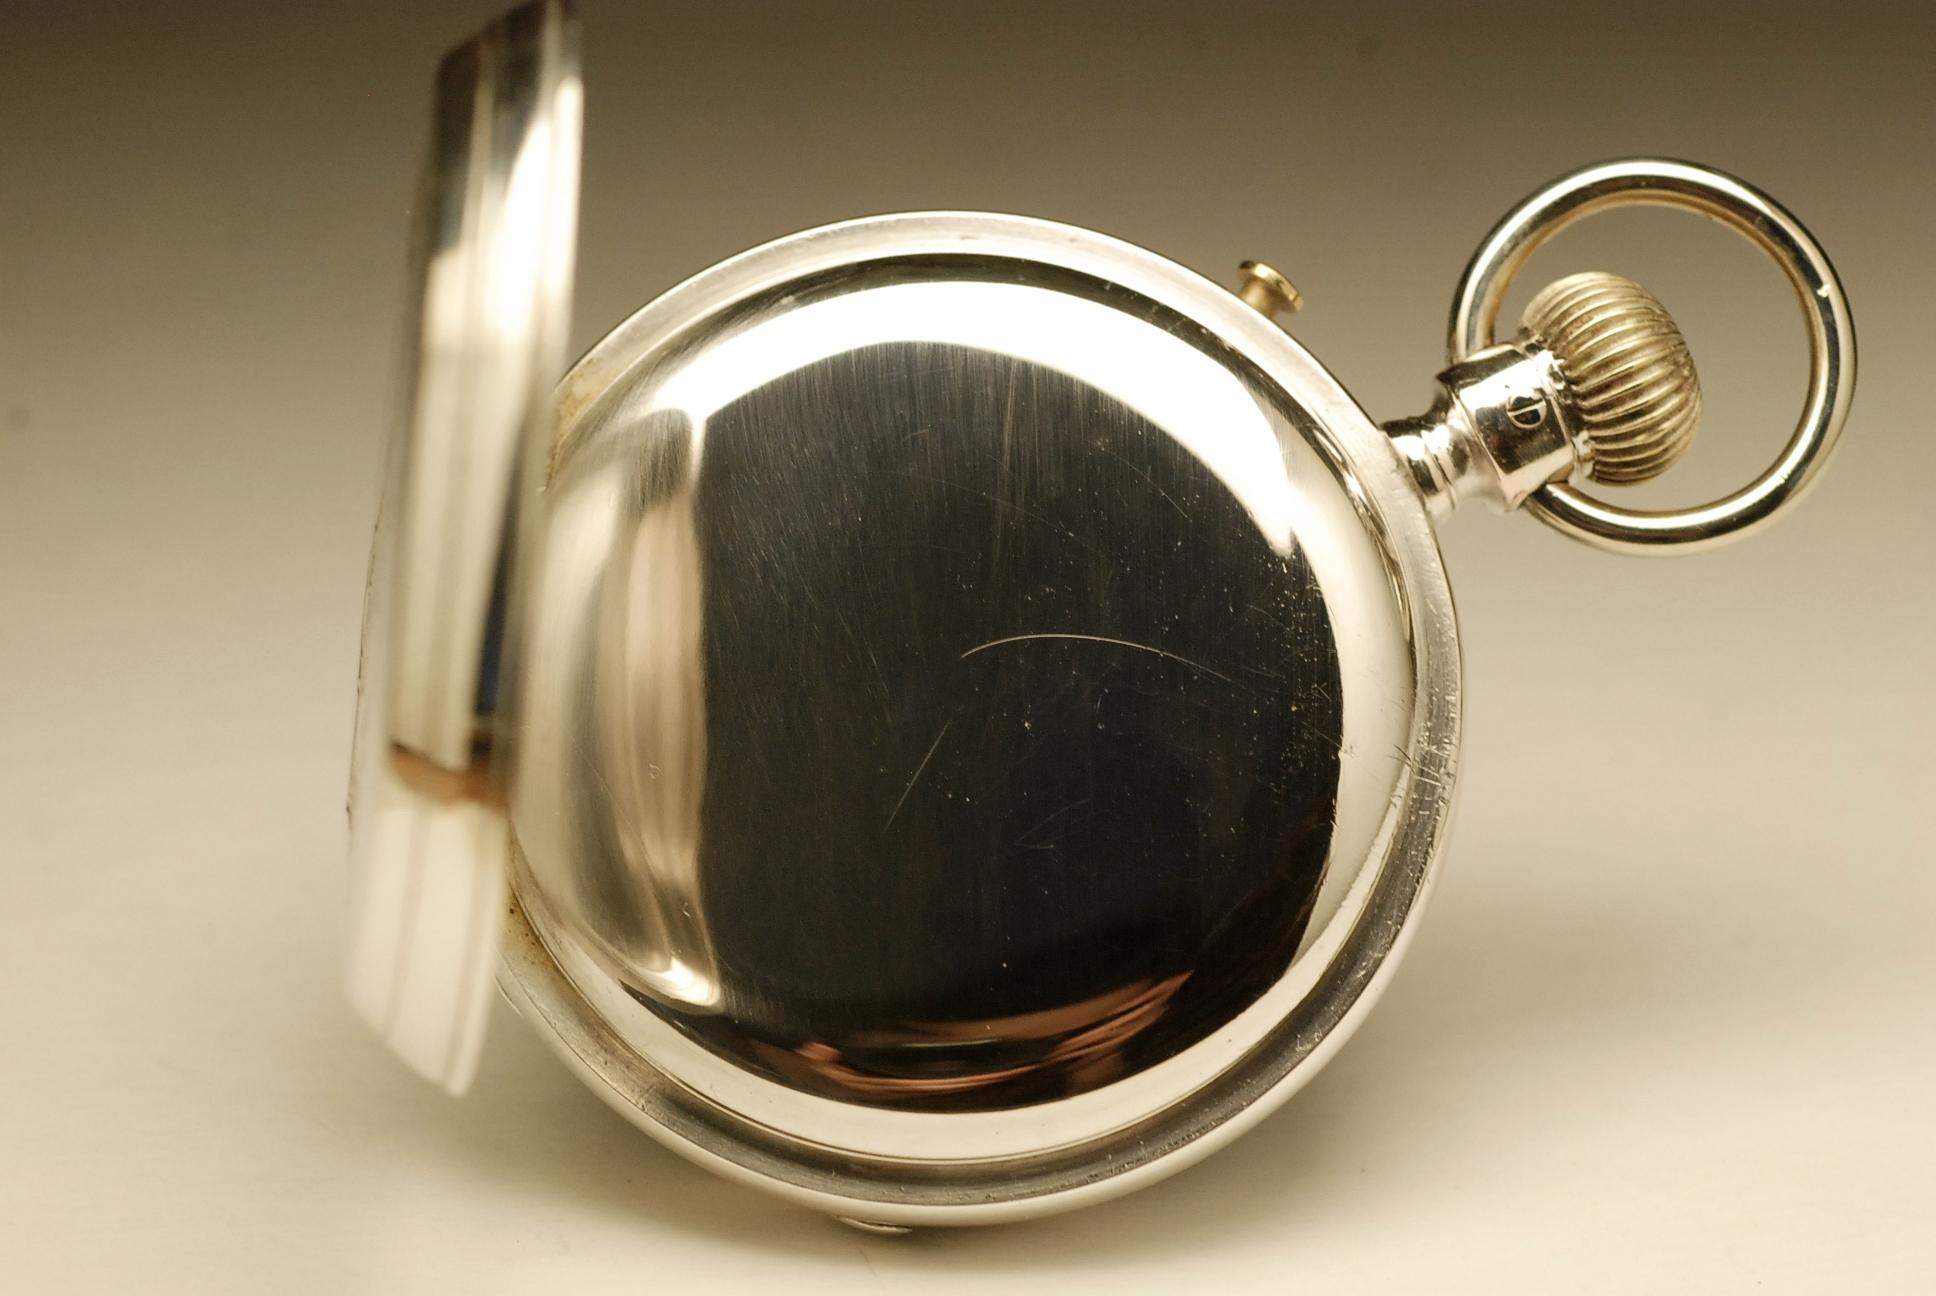 longines ancienne montre gousset chronographe en argent. Black Bedroom Furniture Sets. Home Design Ideas